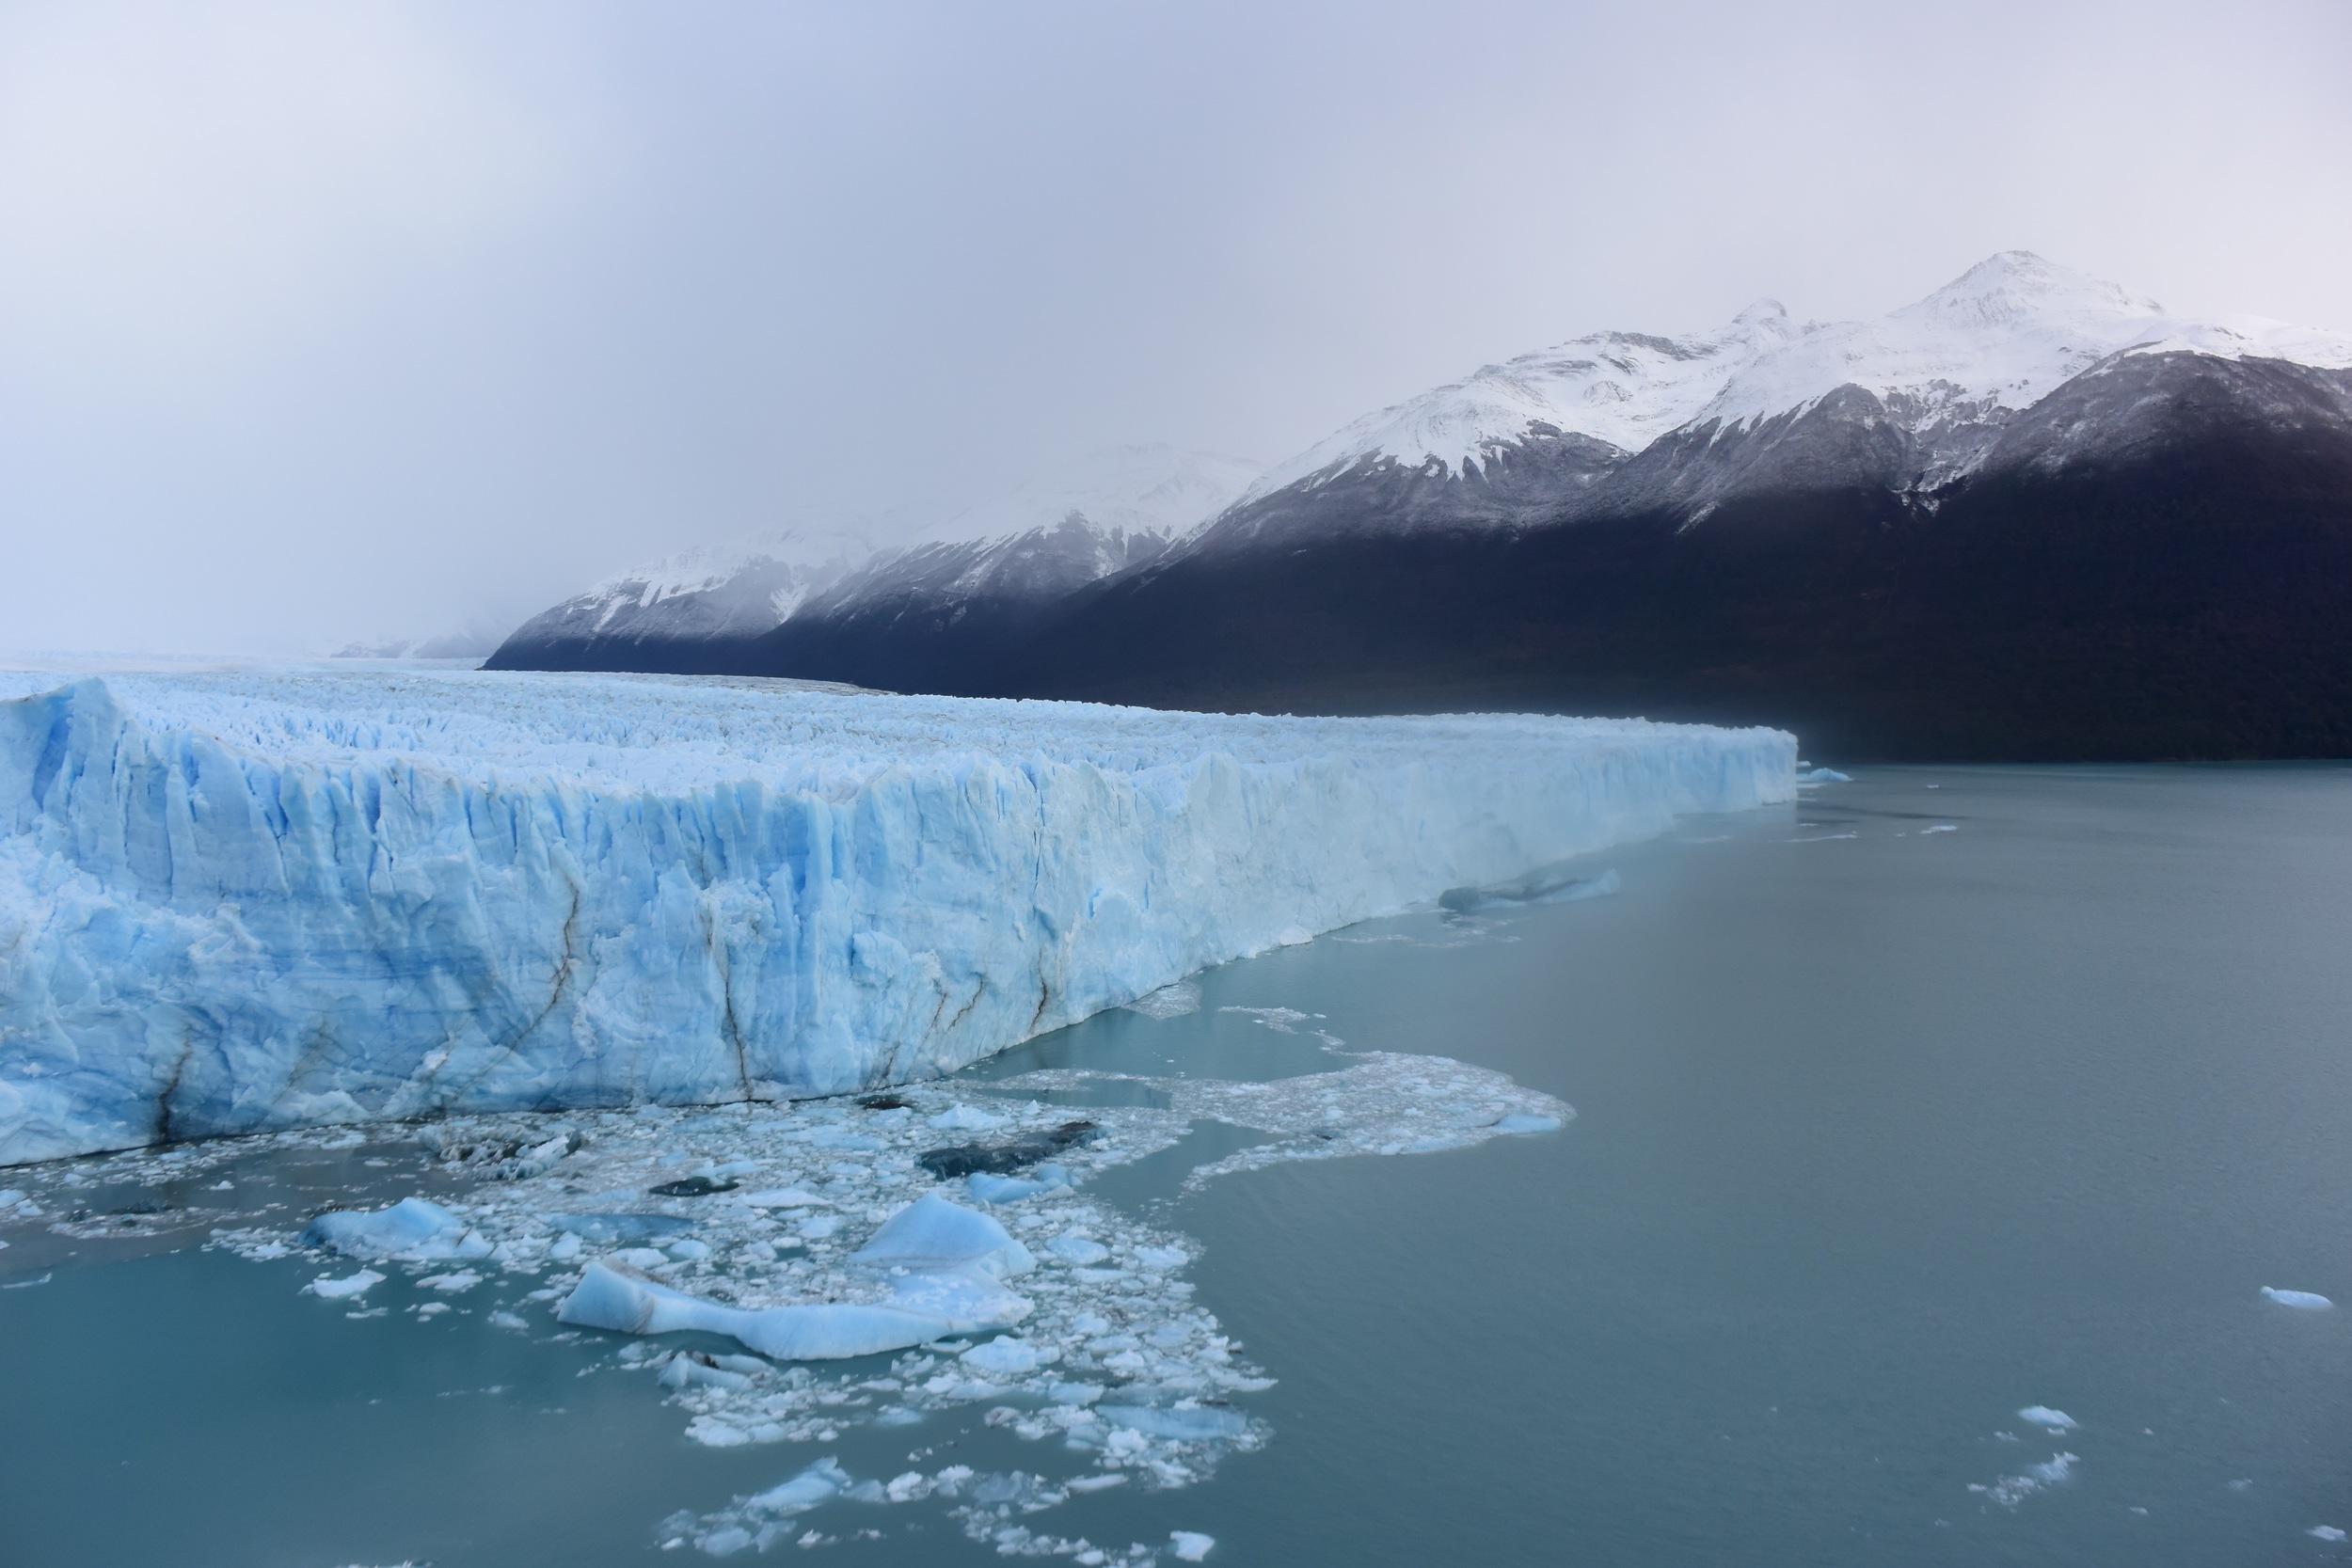 Parque Nacional de los glaciares  / FLICKR